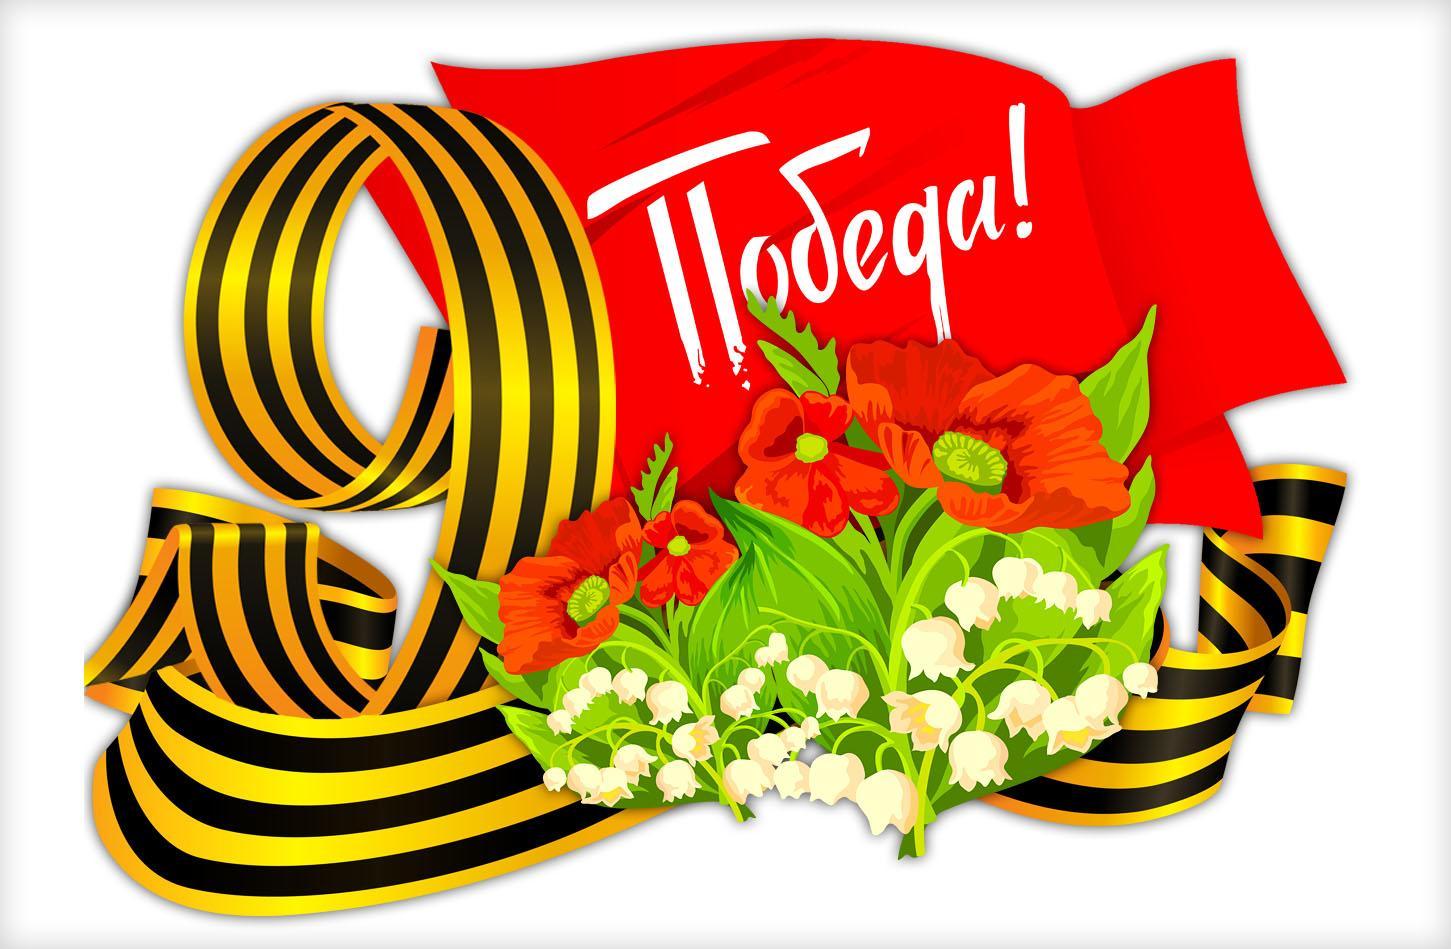 9 мая – День Победы. История праздника, значение, когда появился, где отмечают, традиции, фото и видео